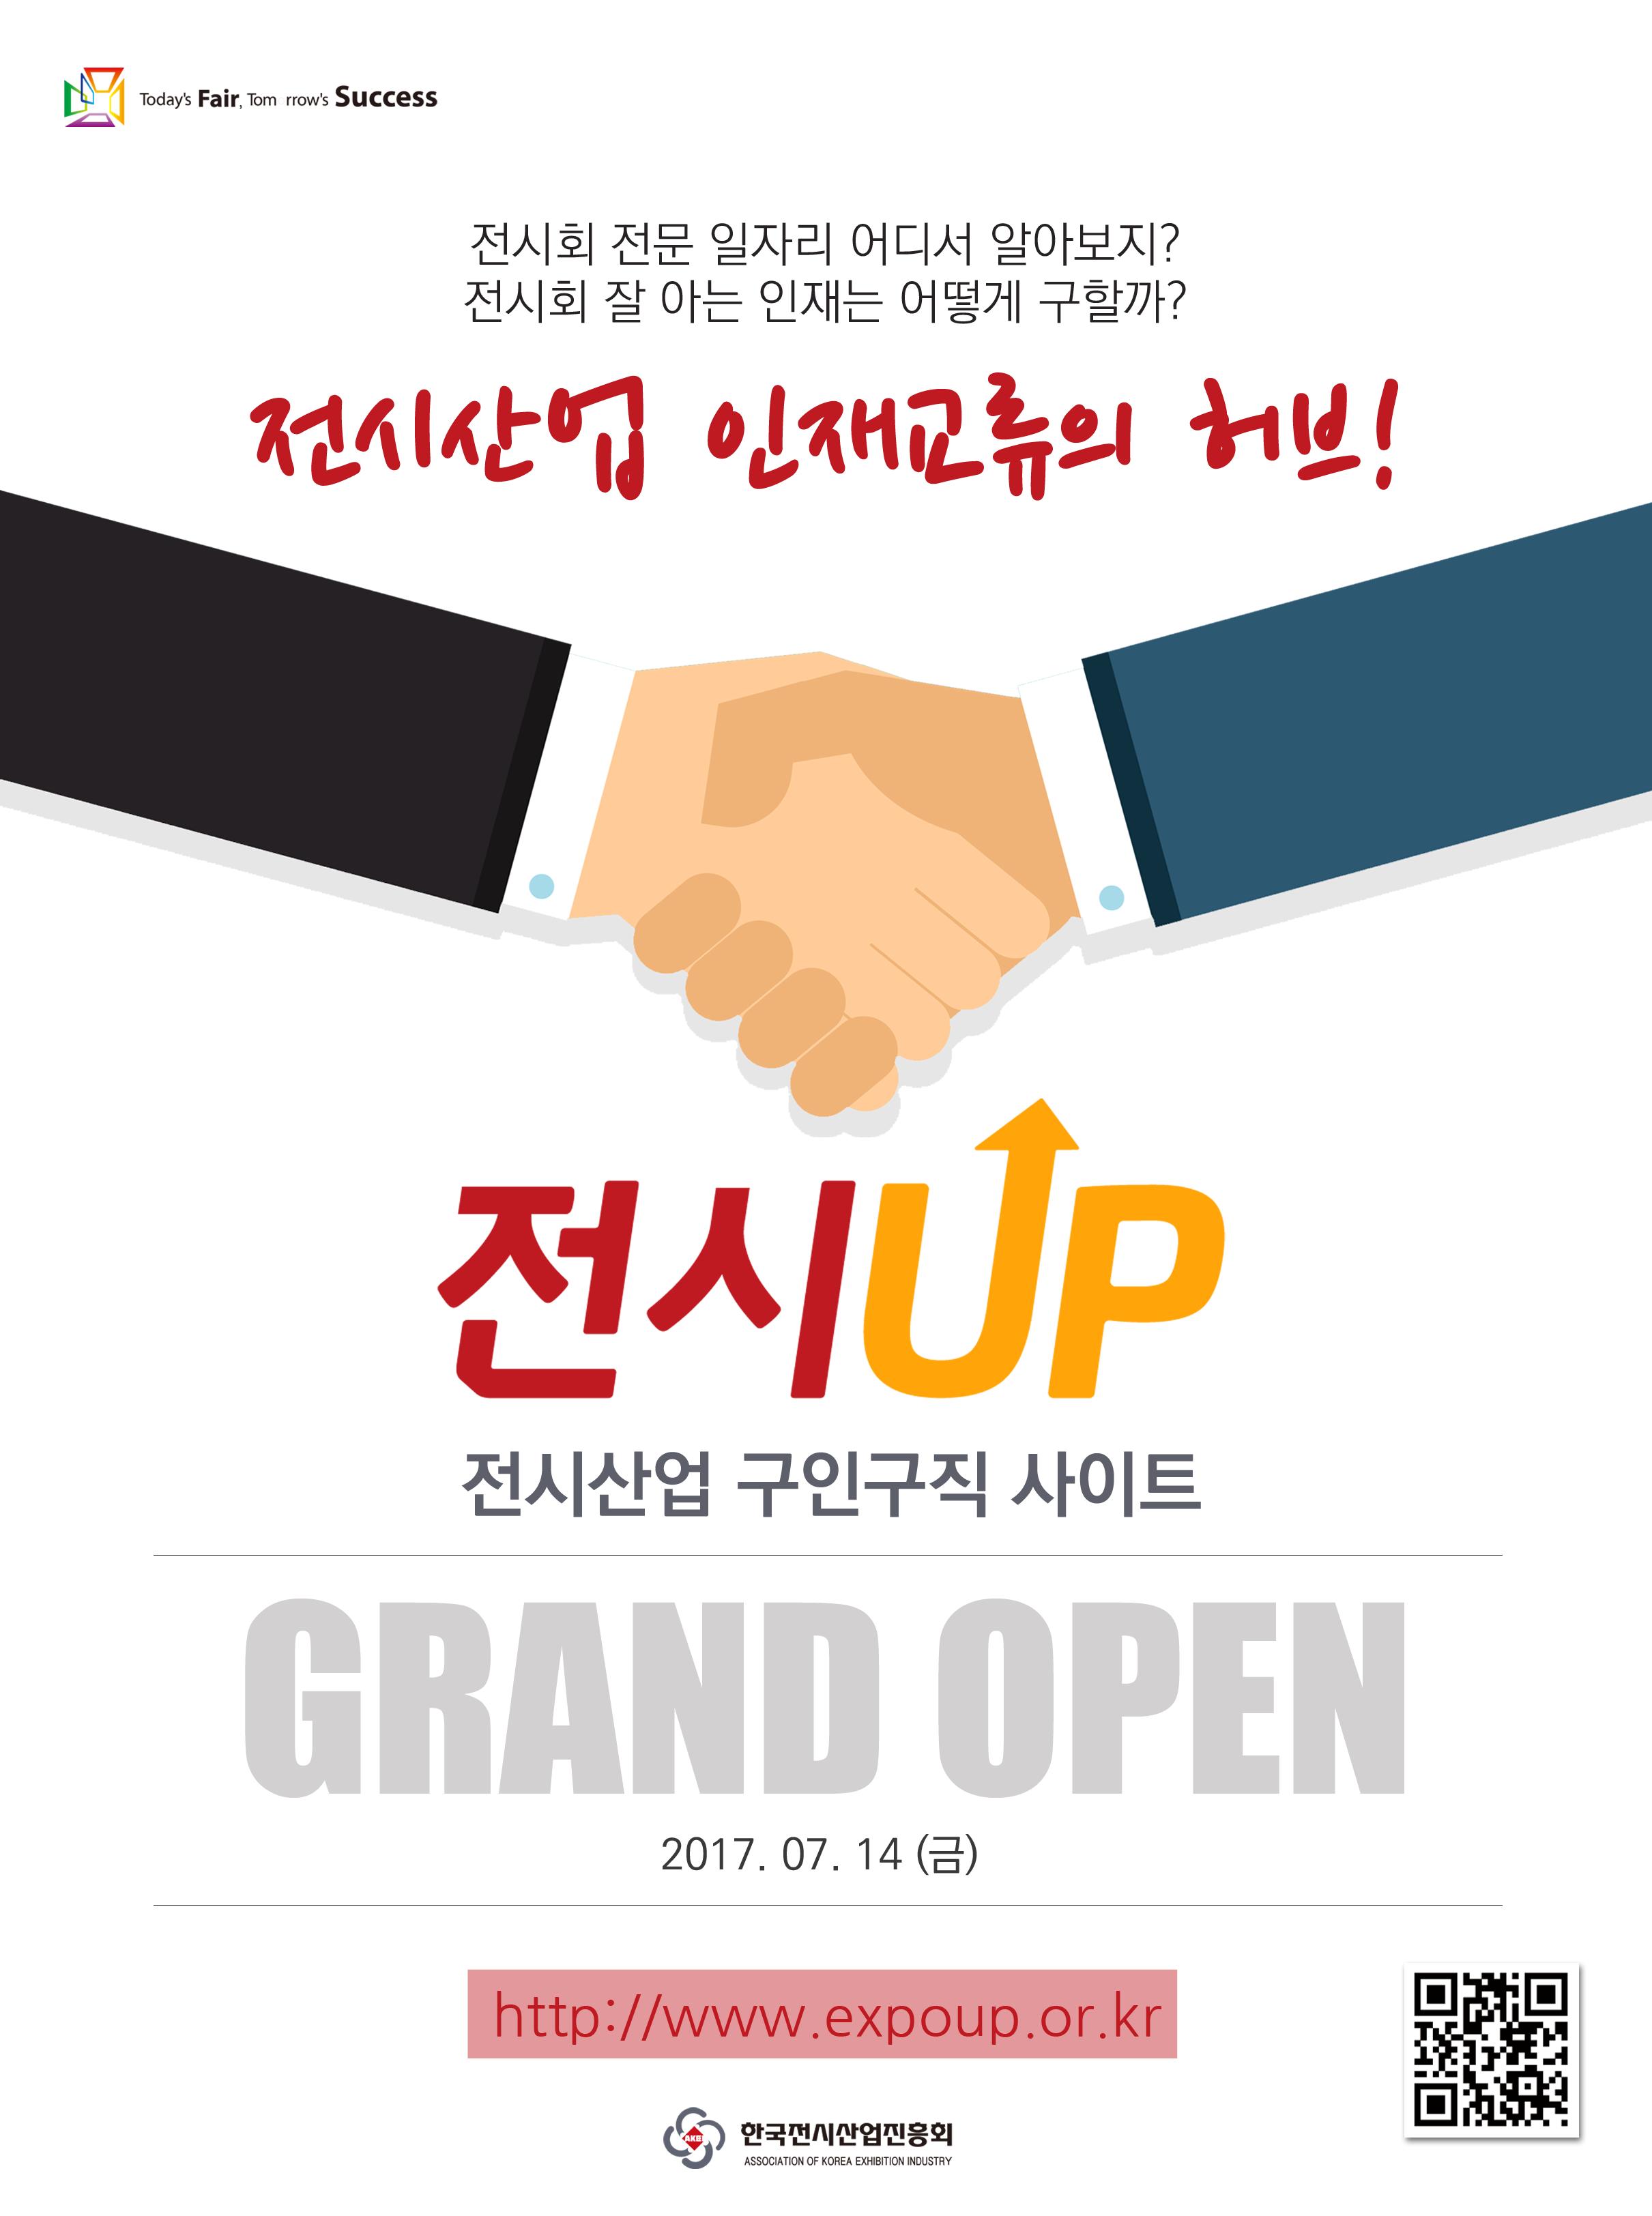 전시UP 포스터 디자인(최종)2.png